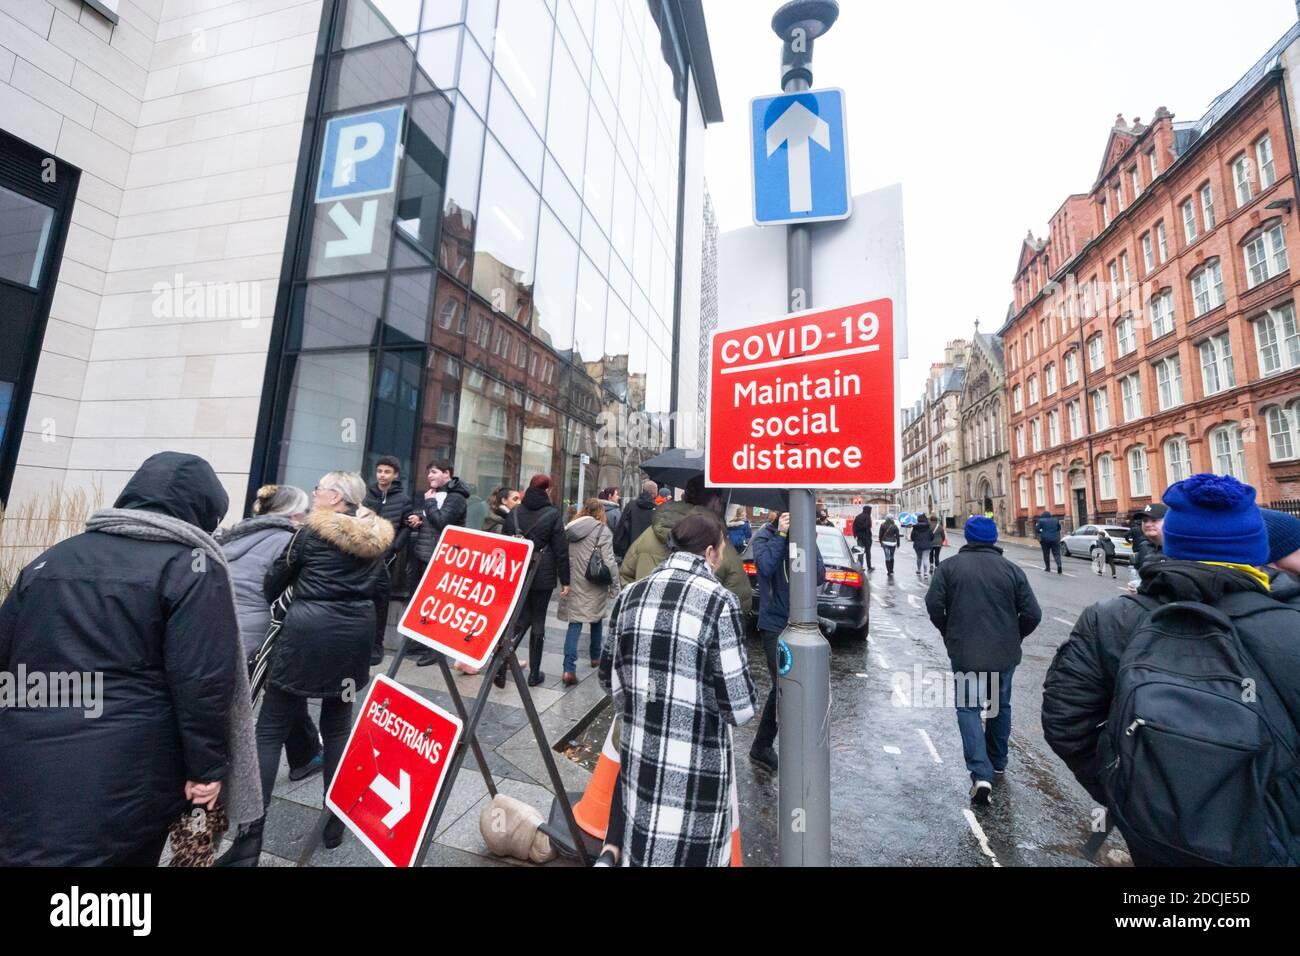 Crosmost St, Liverpool, 21 de noviembre de 2020: Señalización COVID-19 y multitudes de manifestantes marchando contra las restricciones de cierre en el Reino Unido Foto de stock